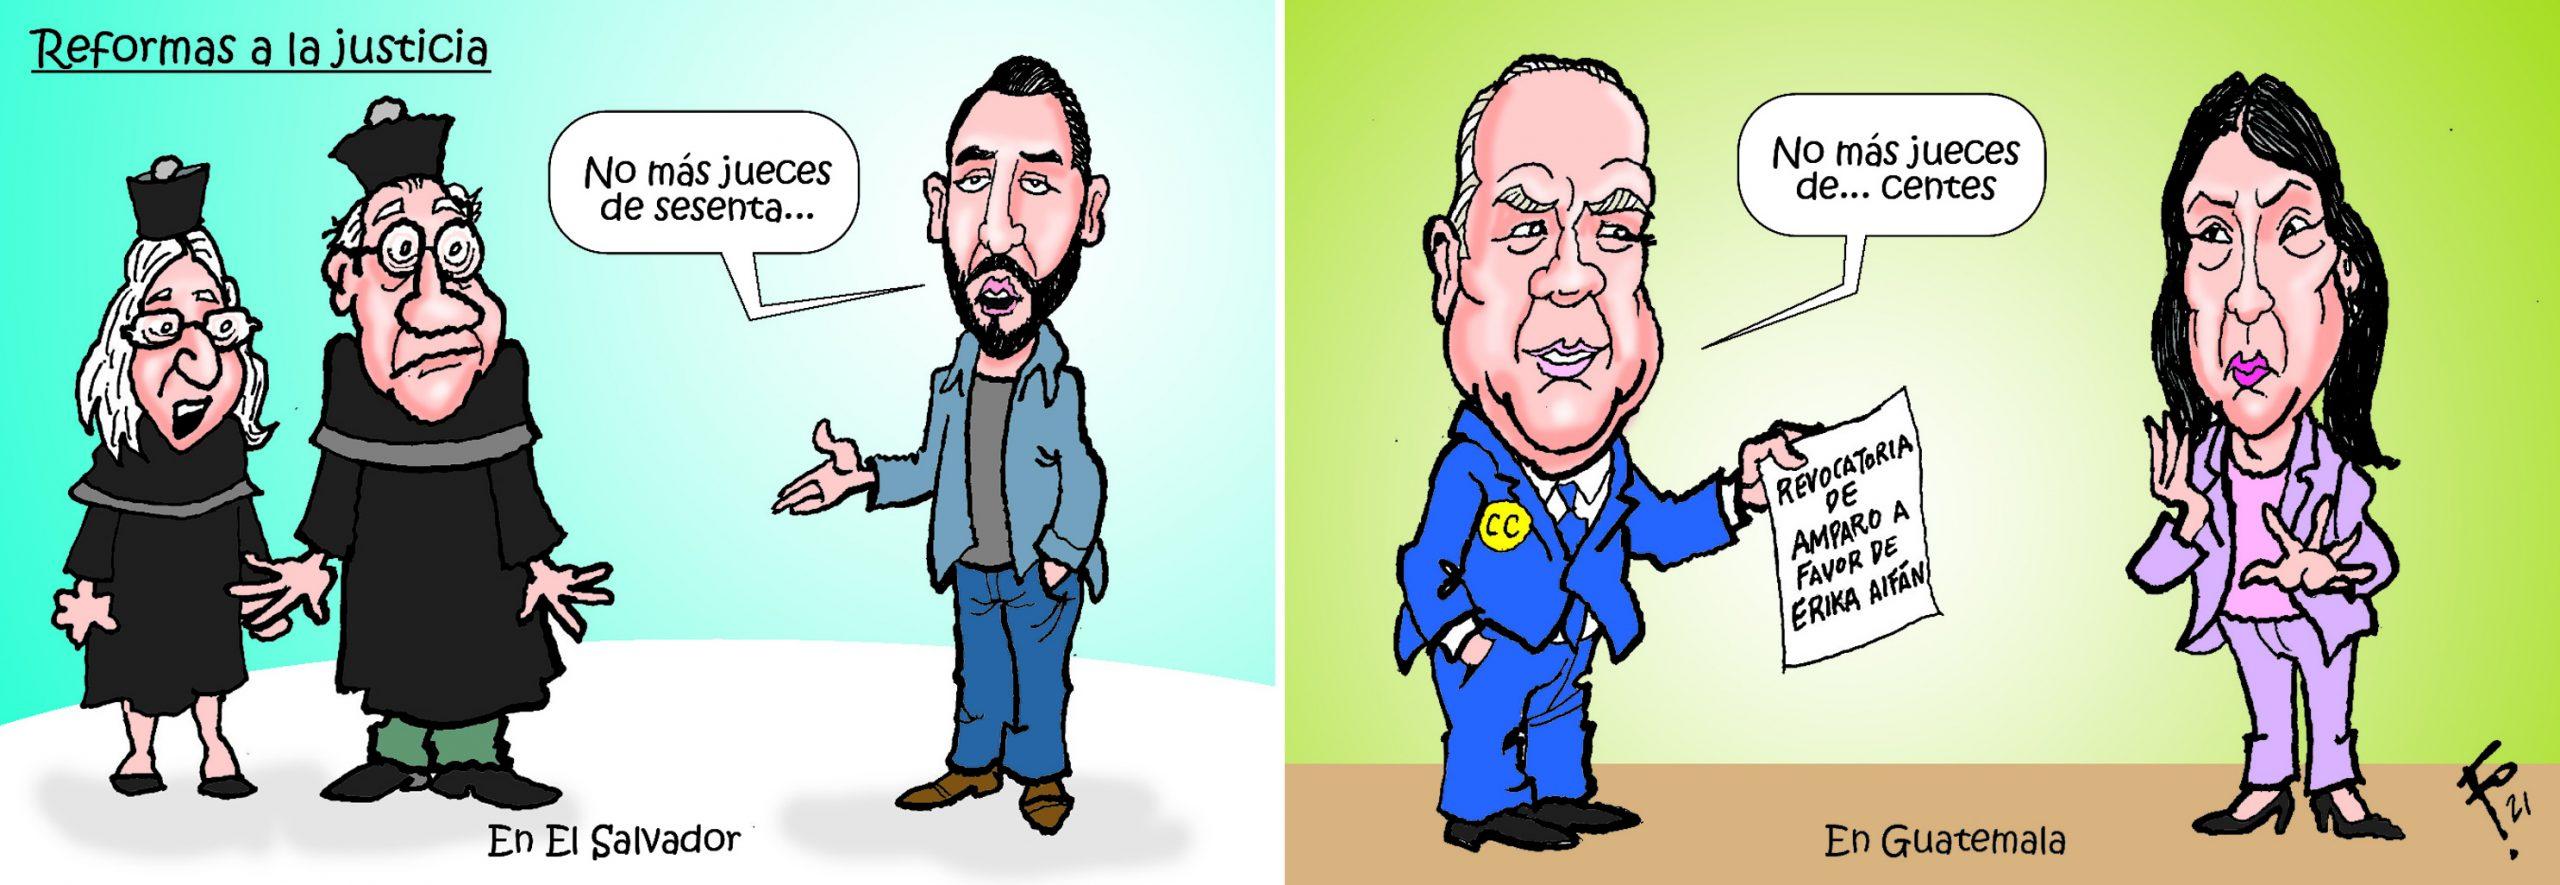 Fo: Reformas de la justicia